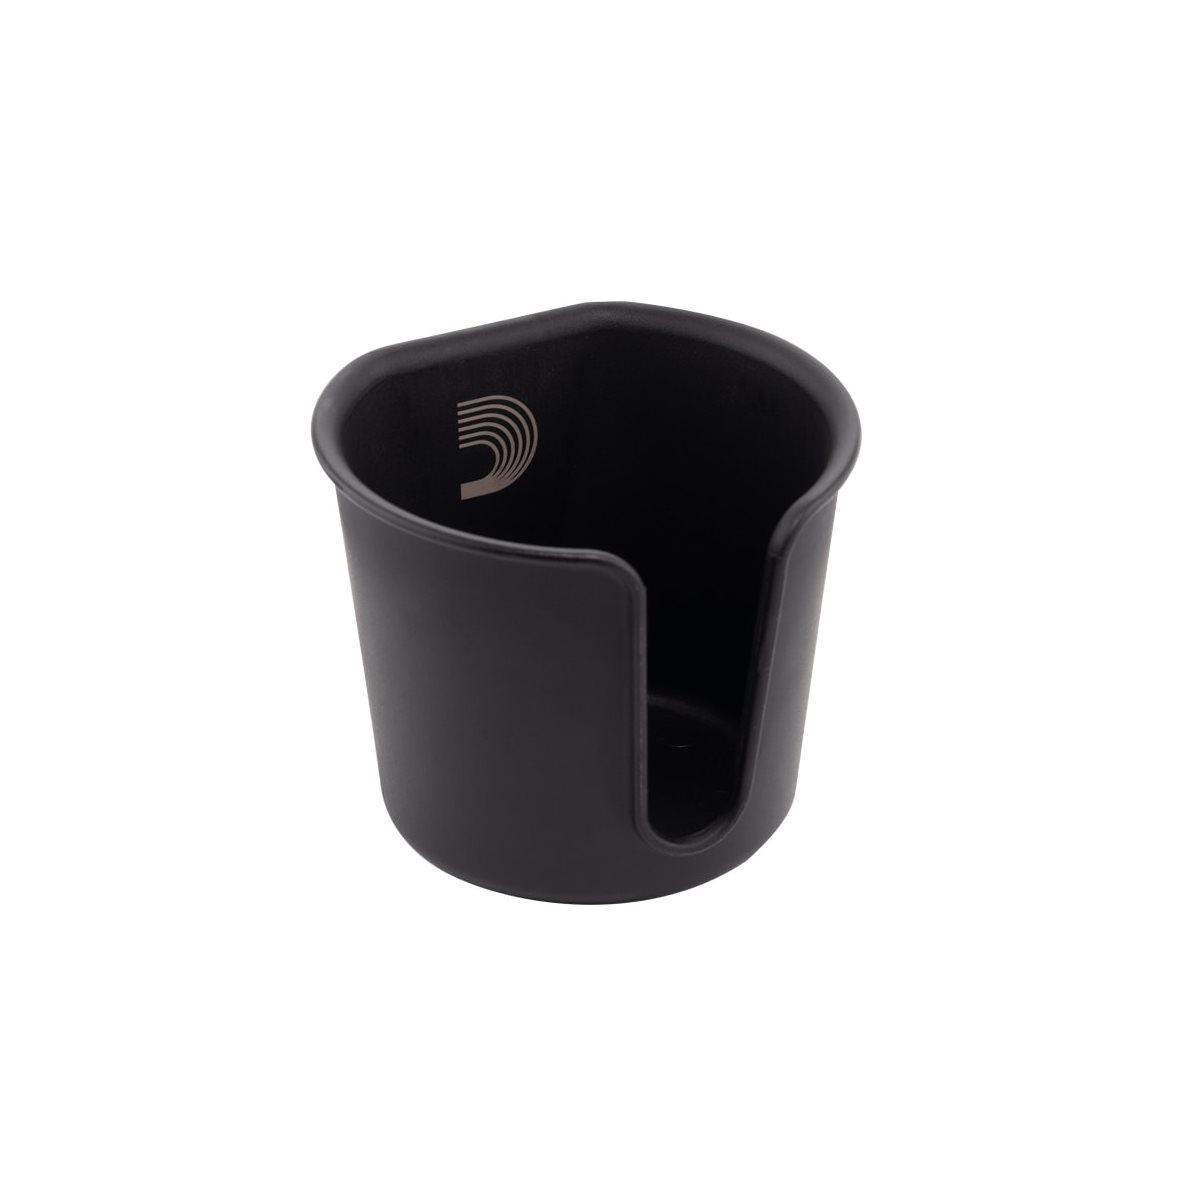 D'ADDARIO - PW-MSASCH-01 - Système d'accessoires pour pied de micro - porte-gobelet